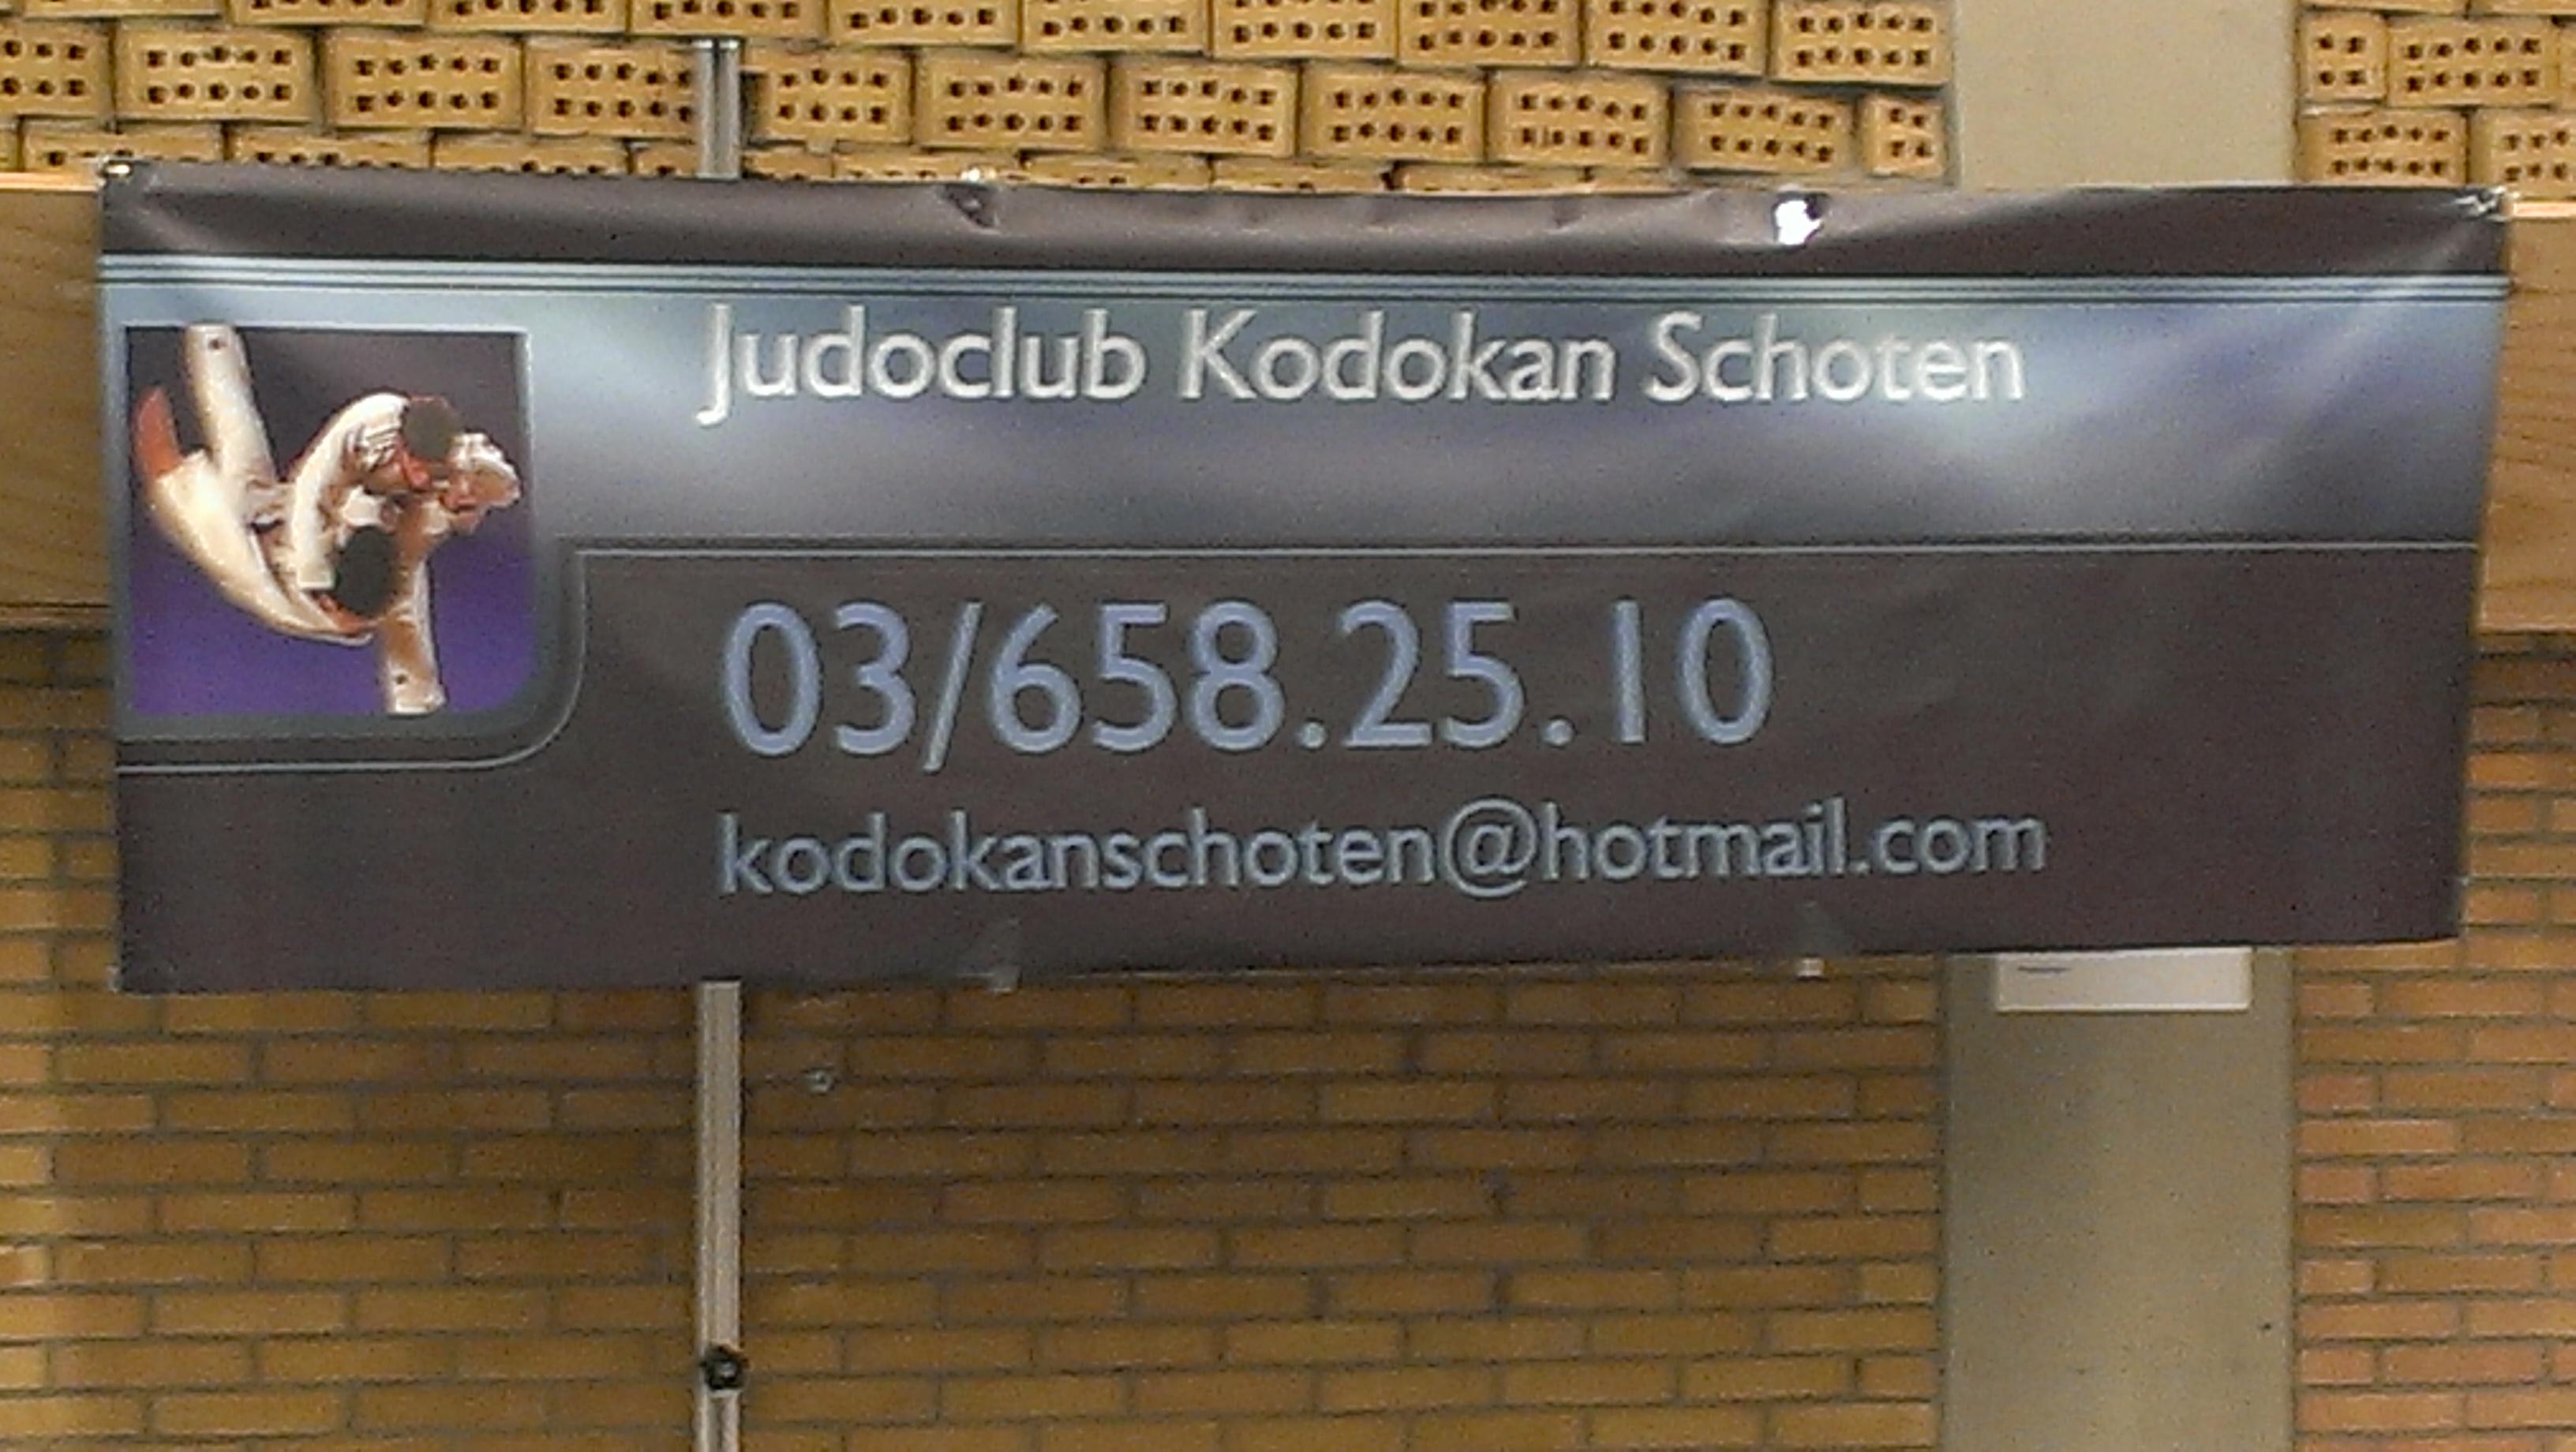 Organiserende club: Kodokan Schoten